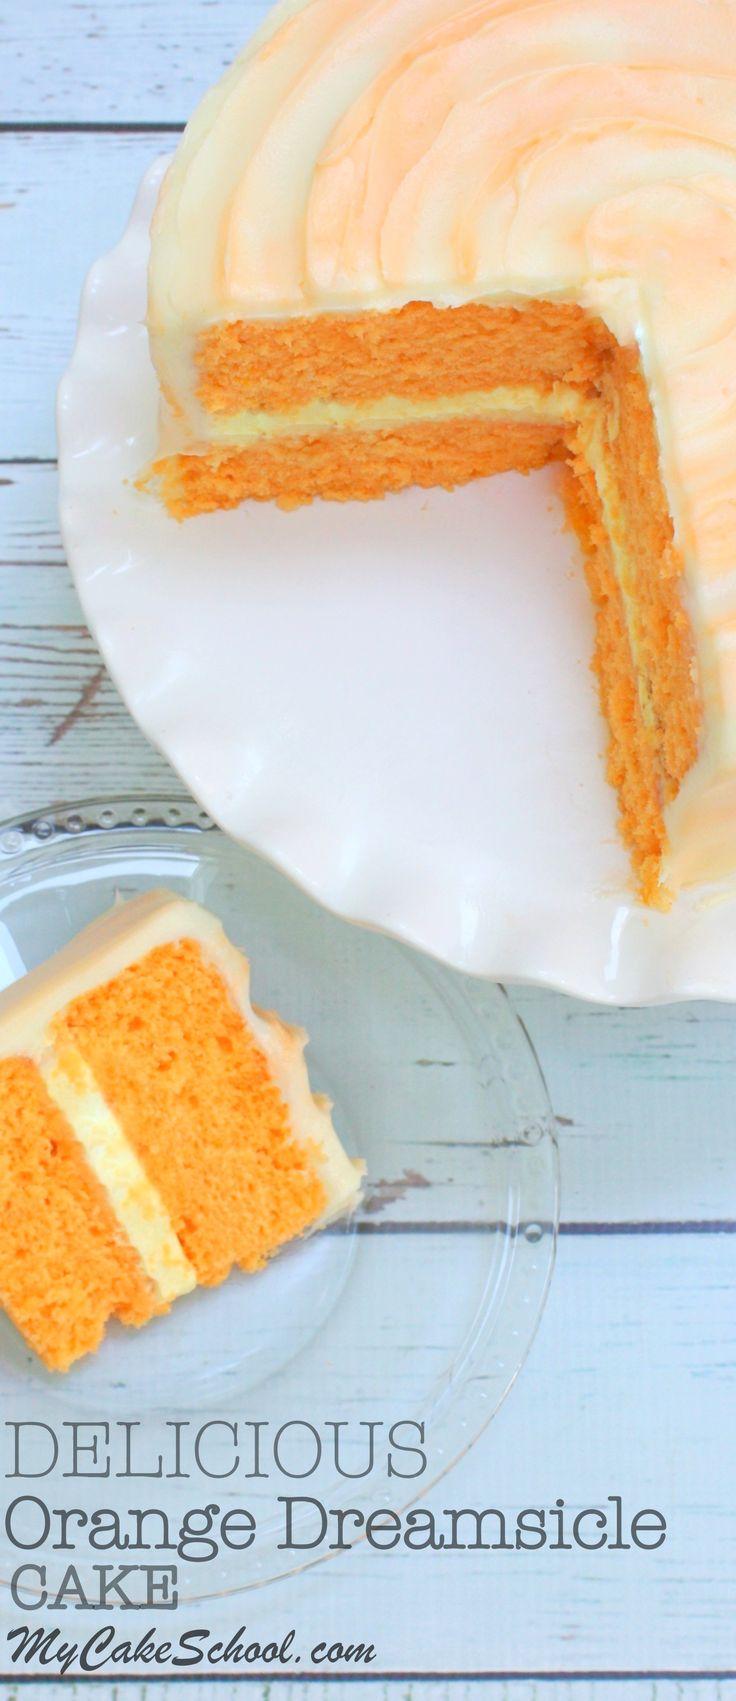 DELICIOUS Homemade Orange Dreamsicle Cake Recipe by MyCakeSchool.com